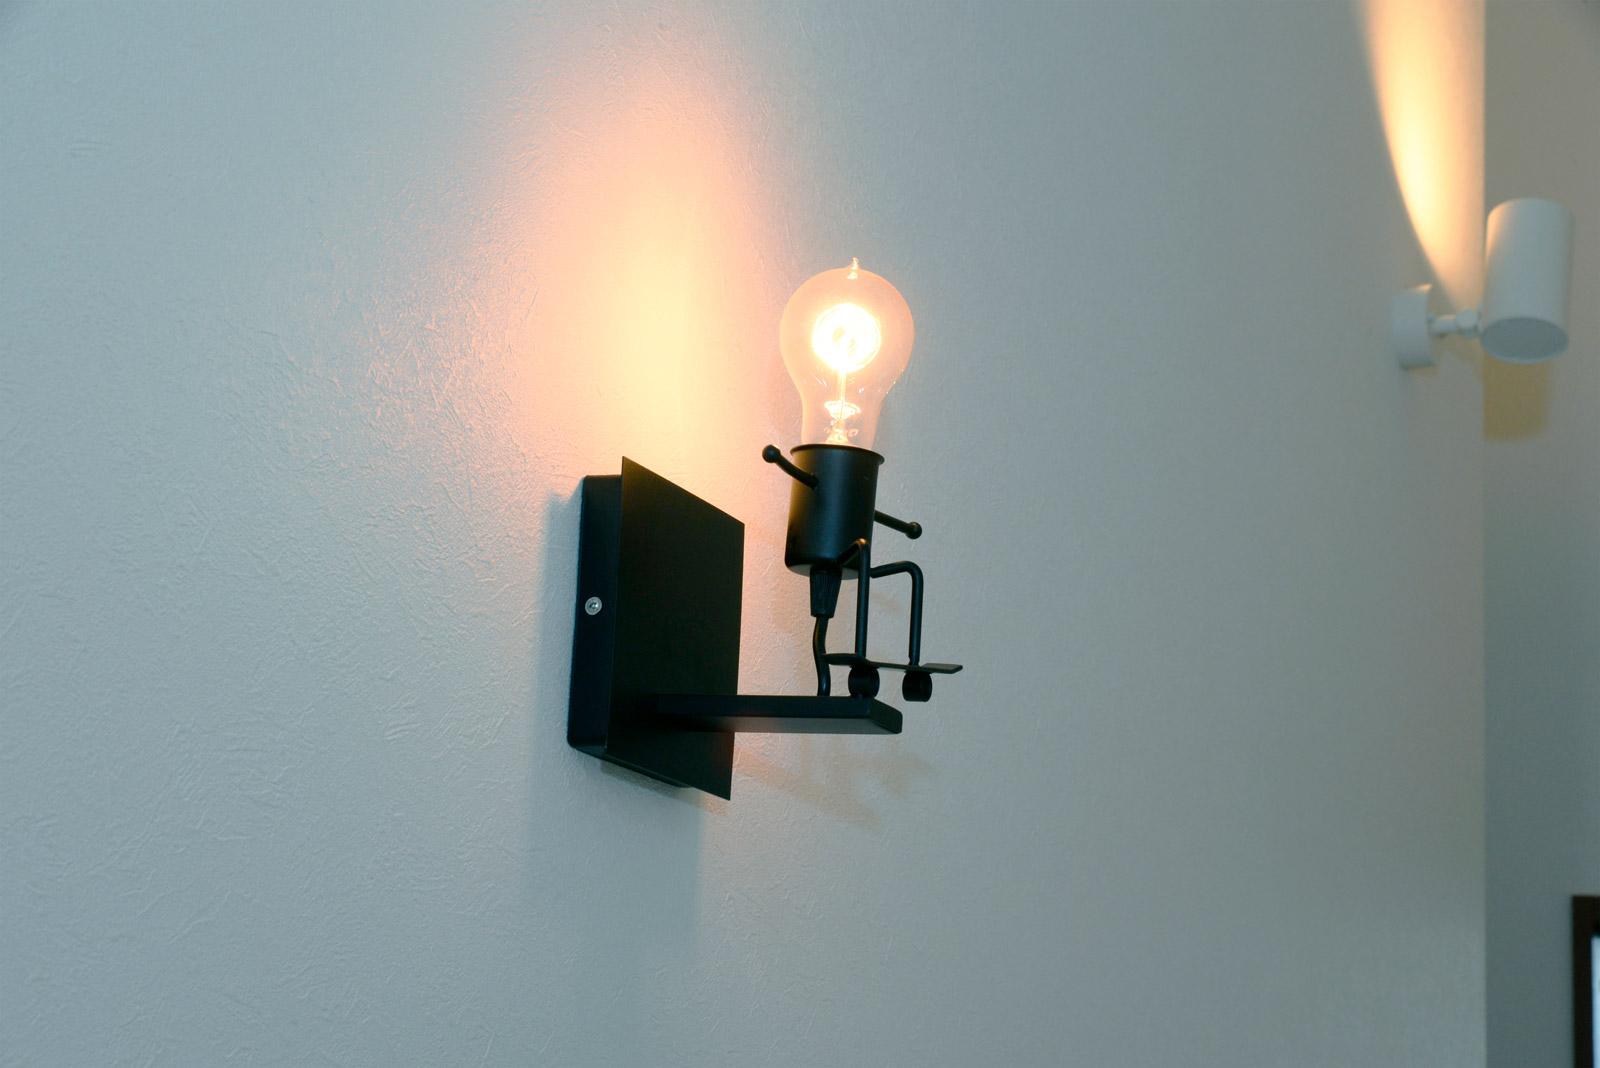 廊下には、奥さんがインターネットで入手したFuloonのレトロなアイアン・ブラケットライトが取り付けられている